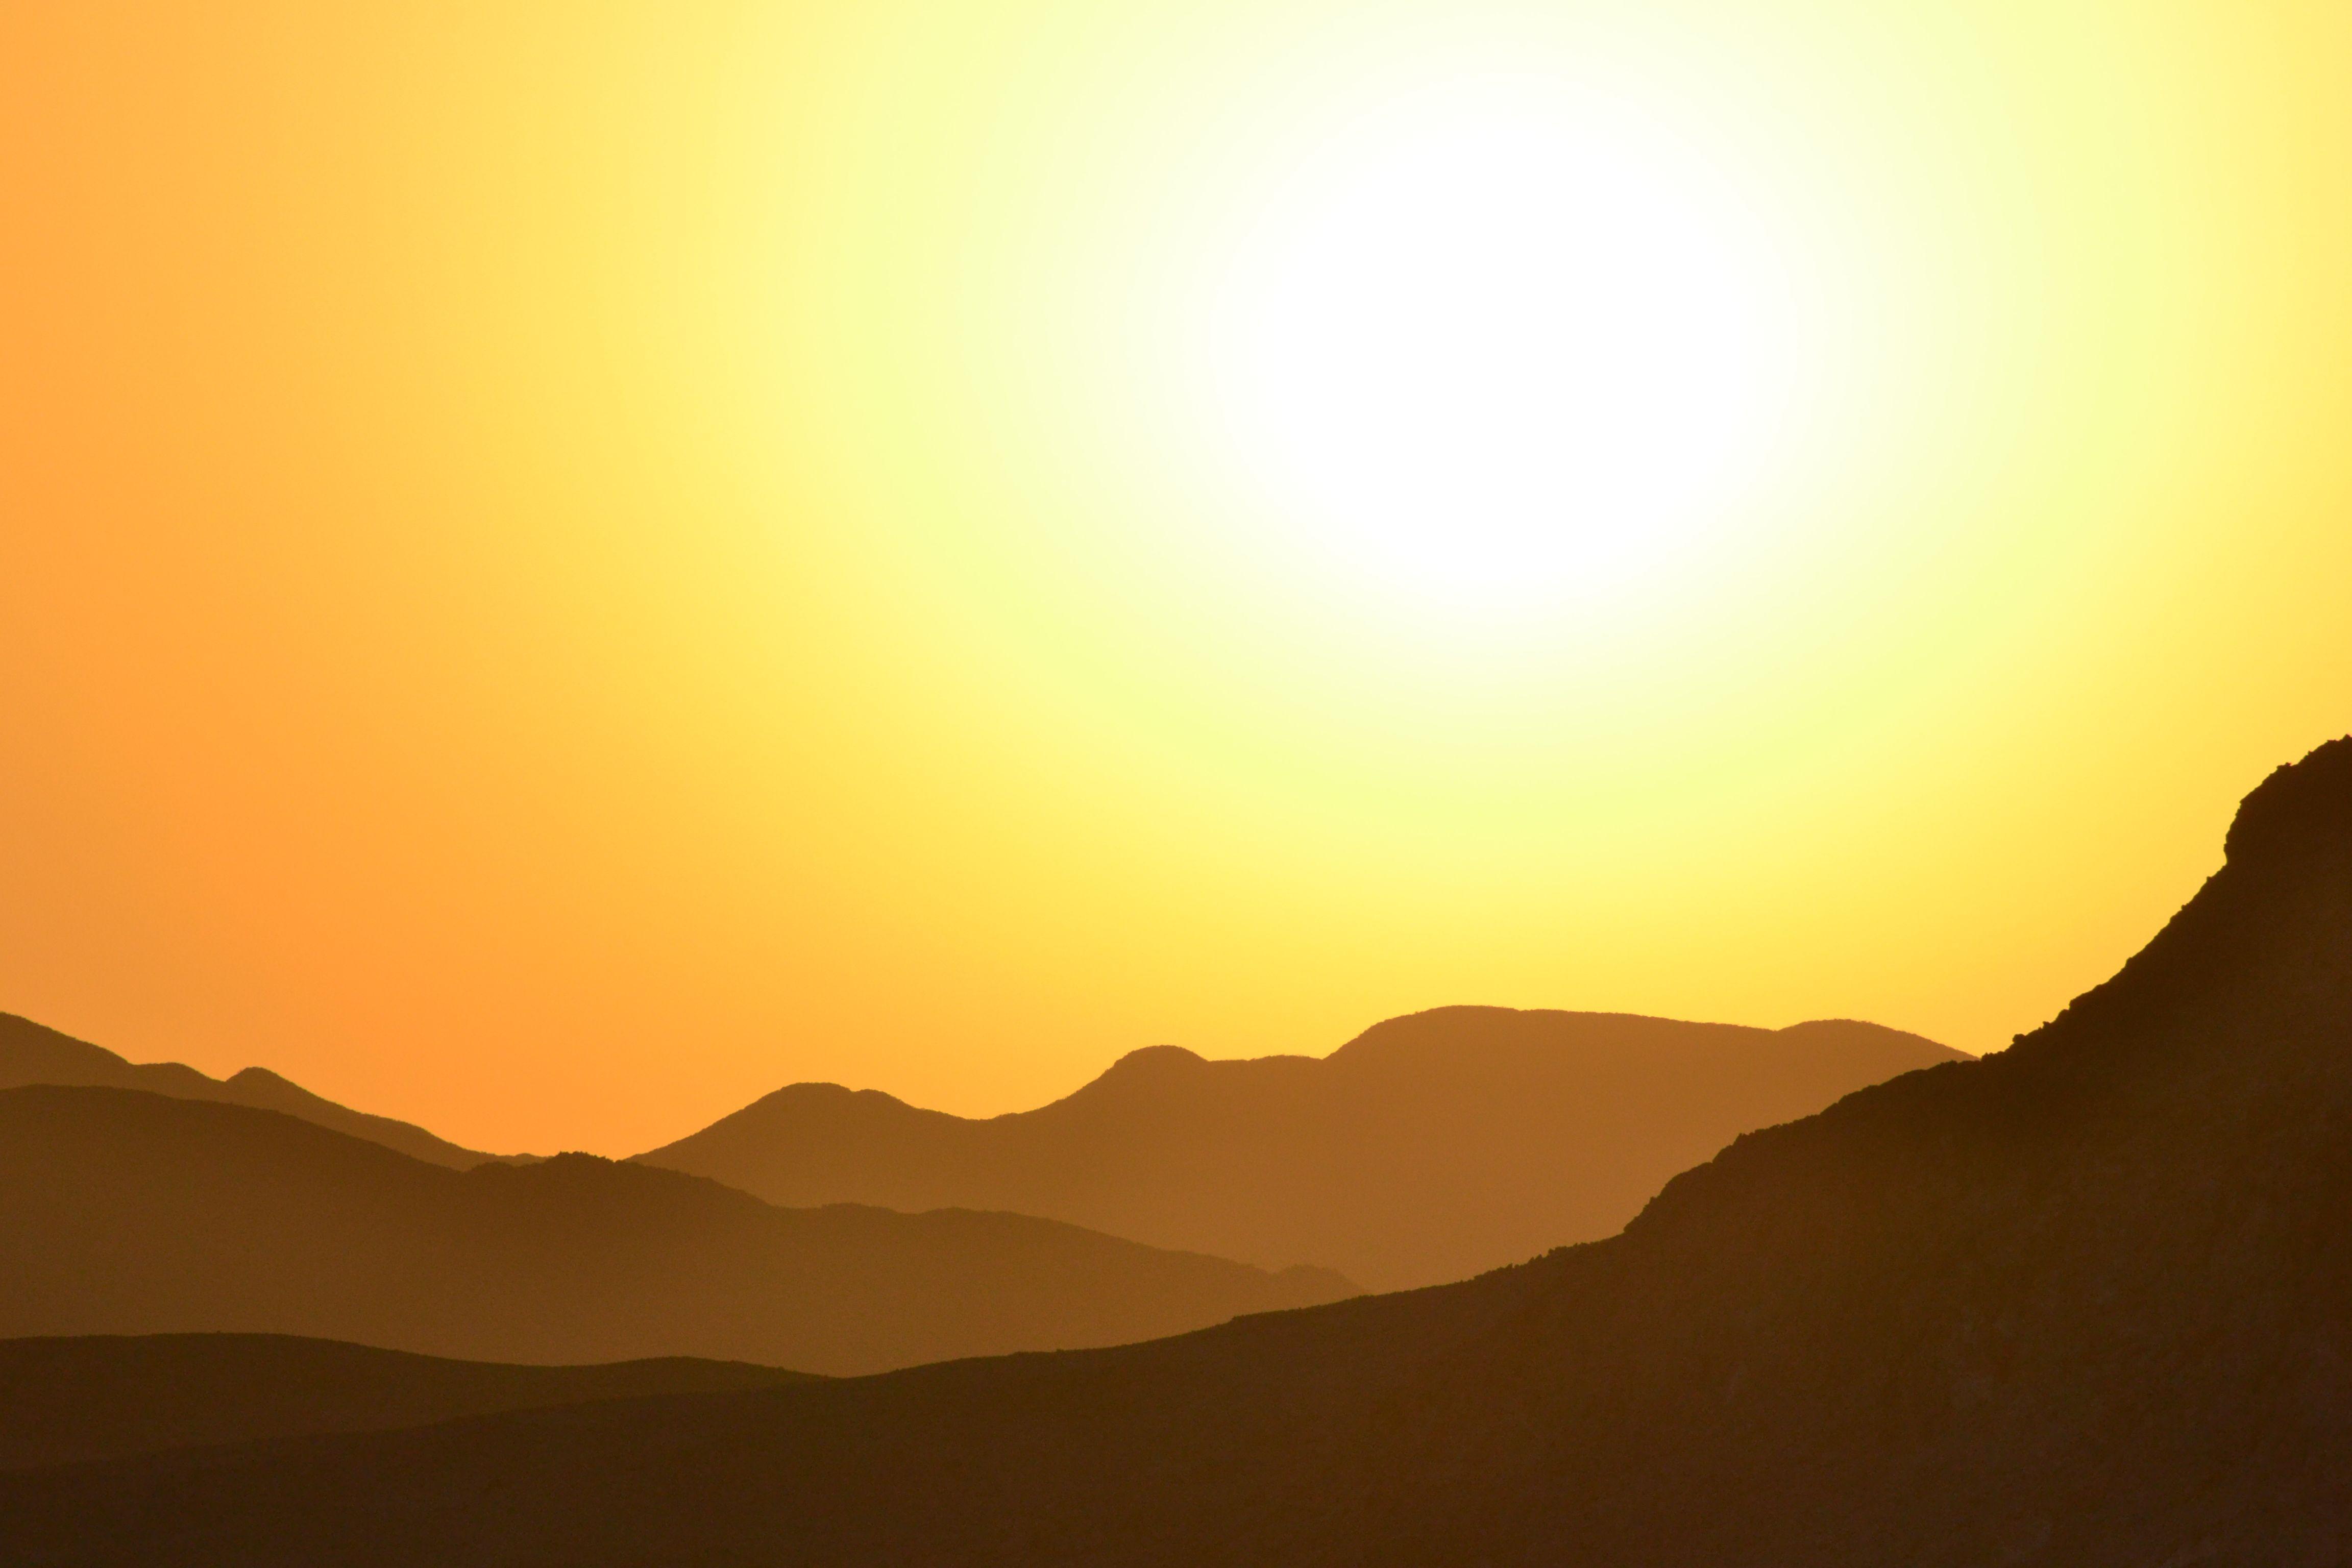 Sunset in the Egyptian desert.